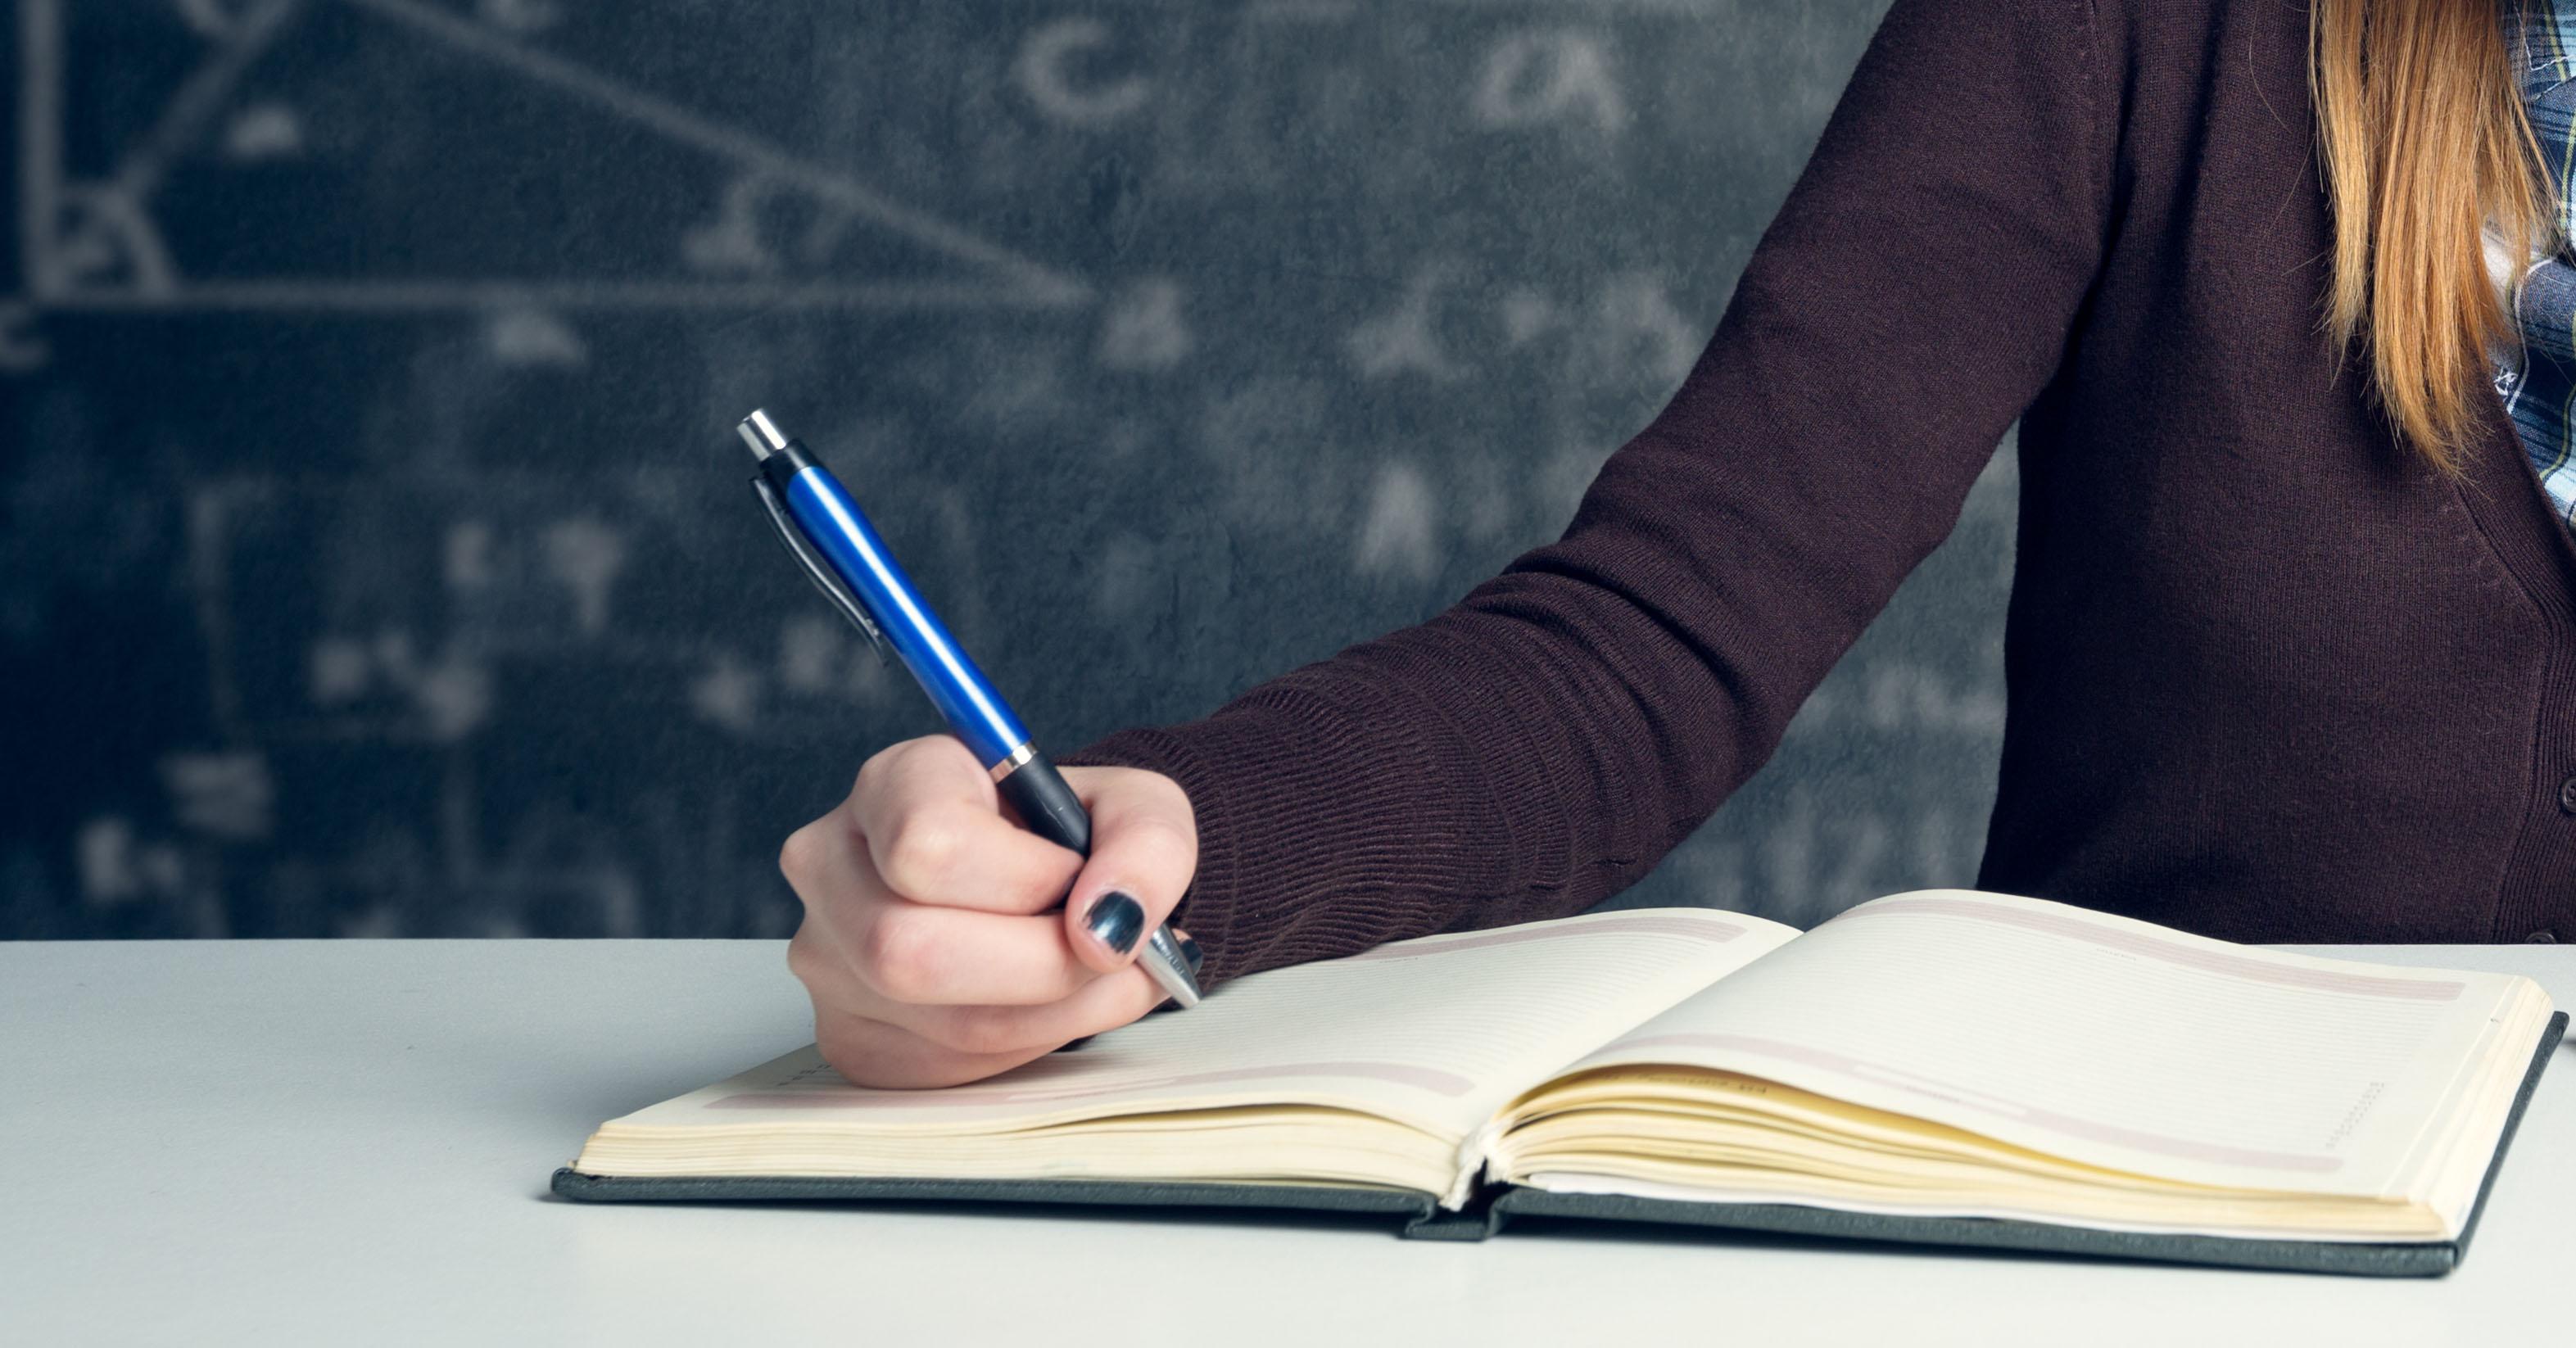 INVALSI 2017: Matematica per le superiori. Il commento di Giorgio Bolondi e le domande dei professori